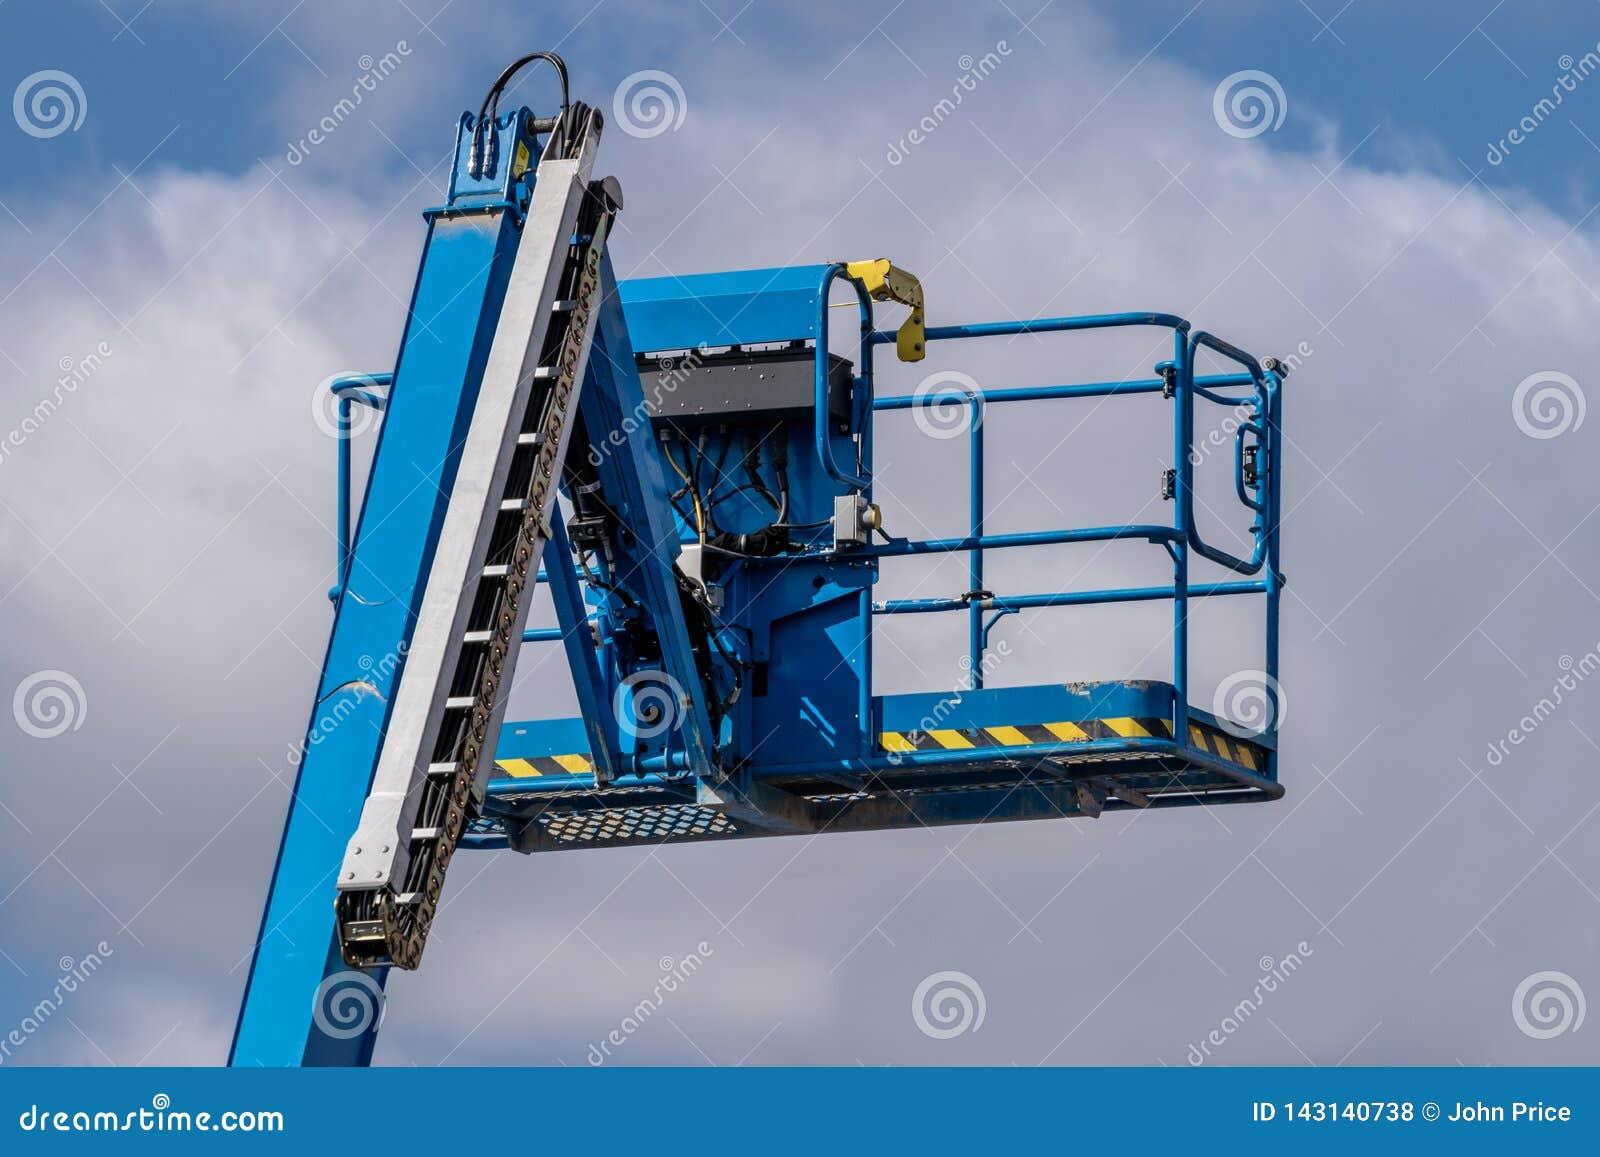 Máquina azul da máquina desbastadora da cereja contra o fundo do céu azul